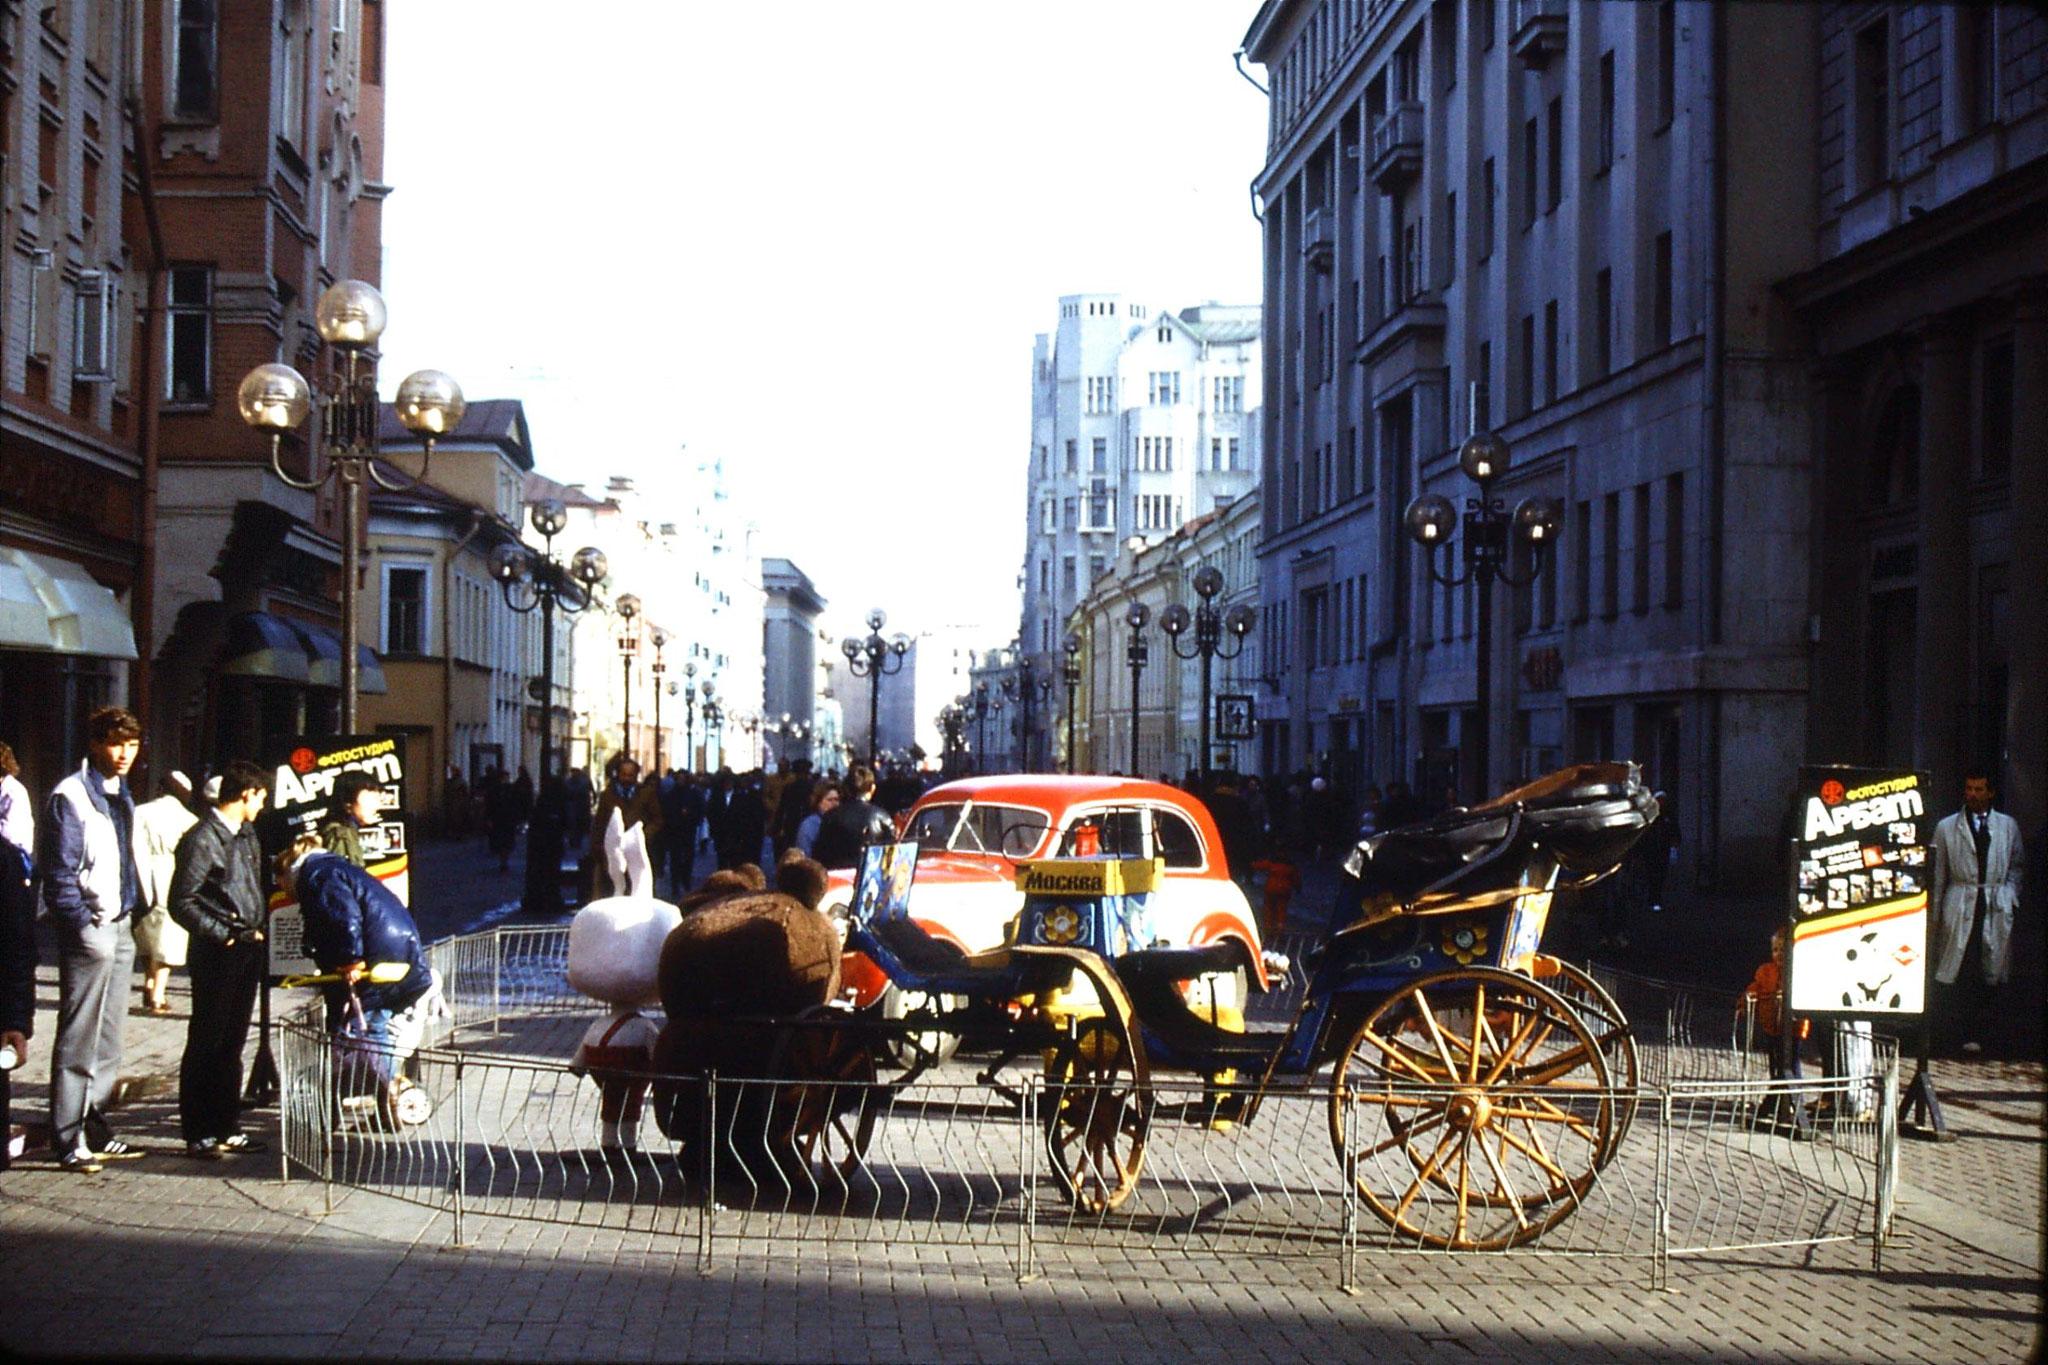 17/10/1988: 13: Arbat street